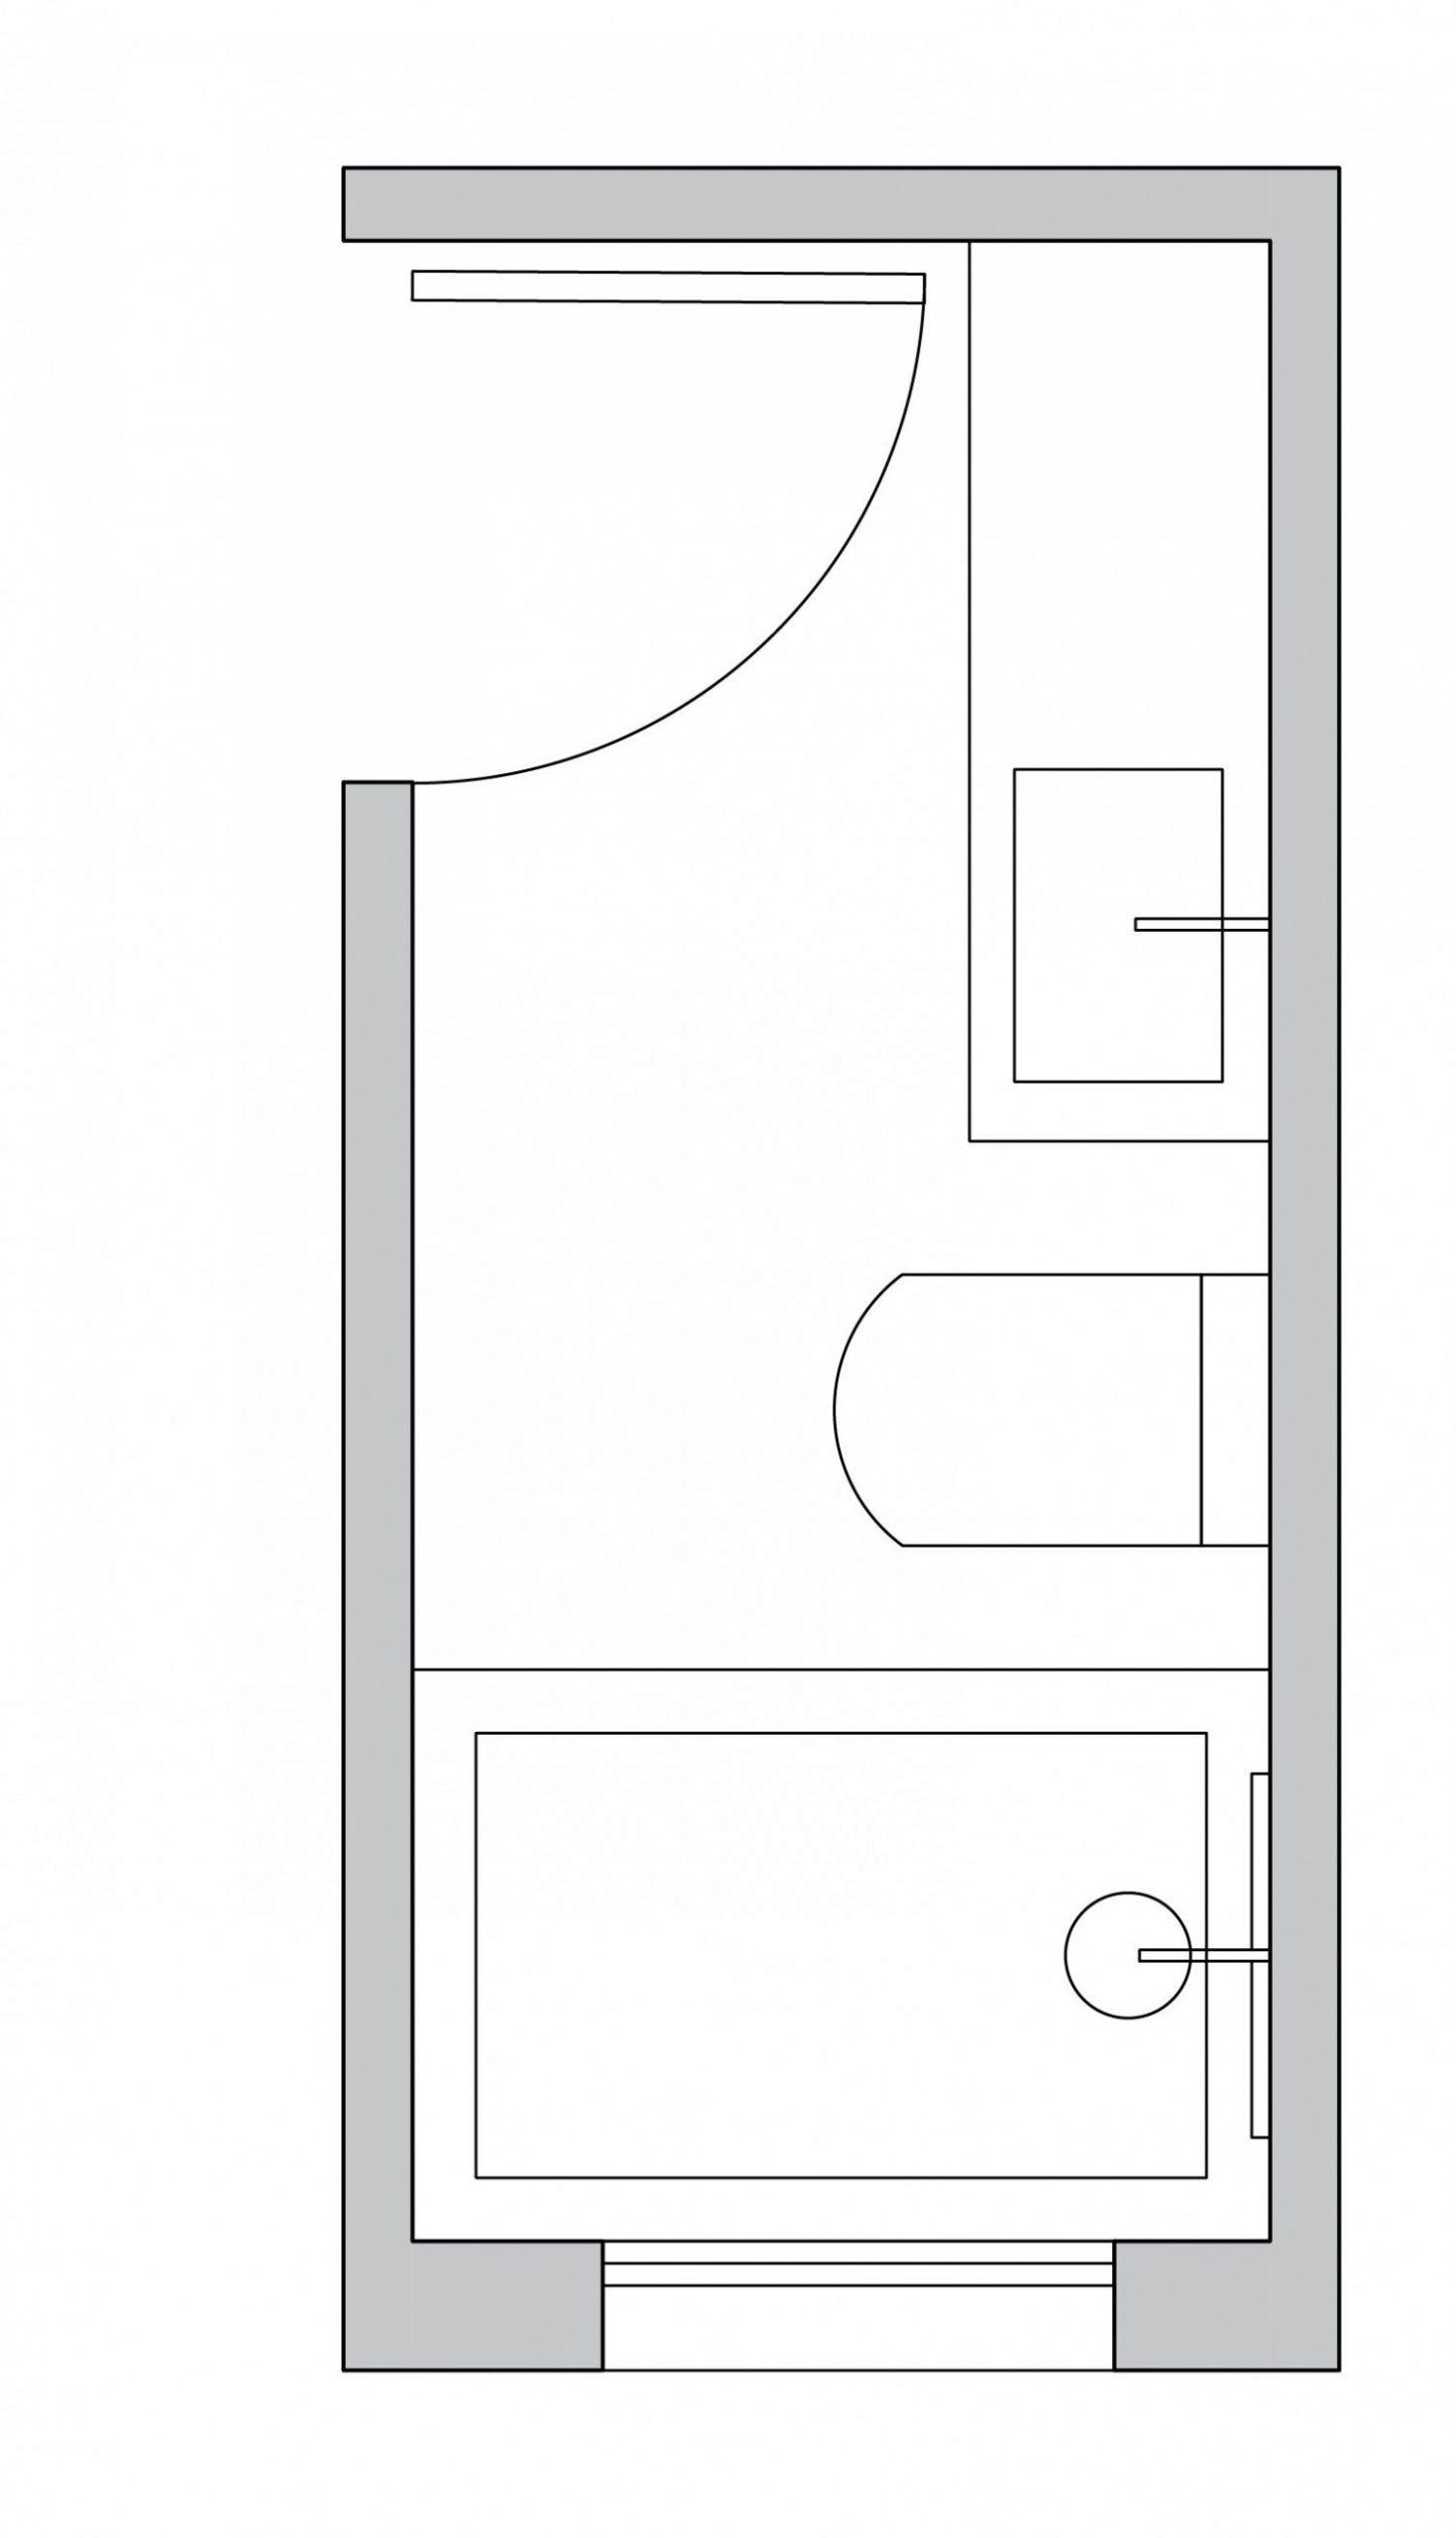 Small Bathroom Design Floor Plans Kamar Mandi Mewah Kamar Mandi Kecil Desain